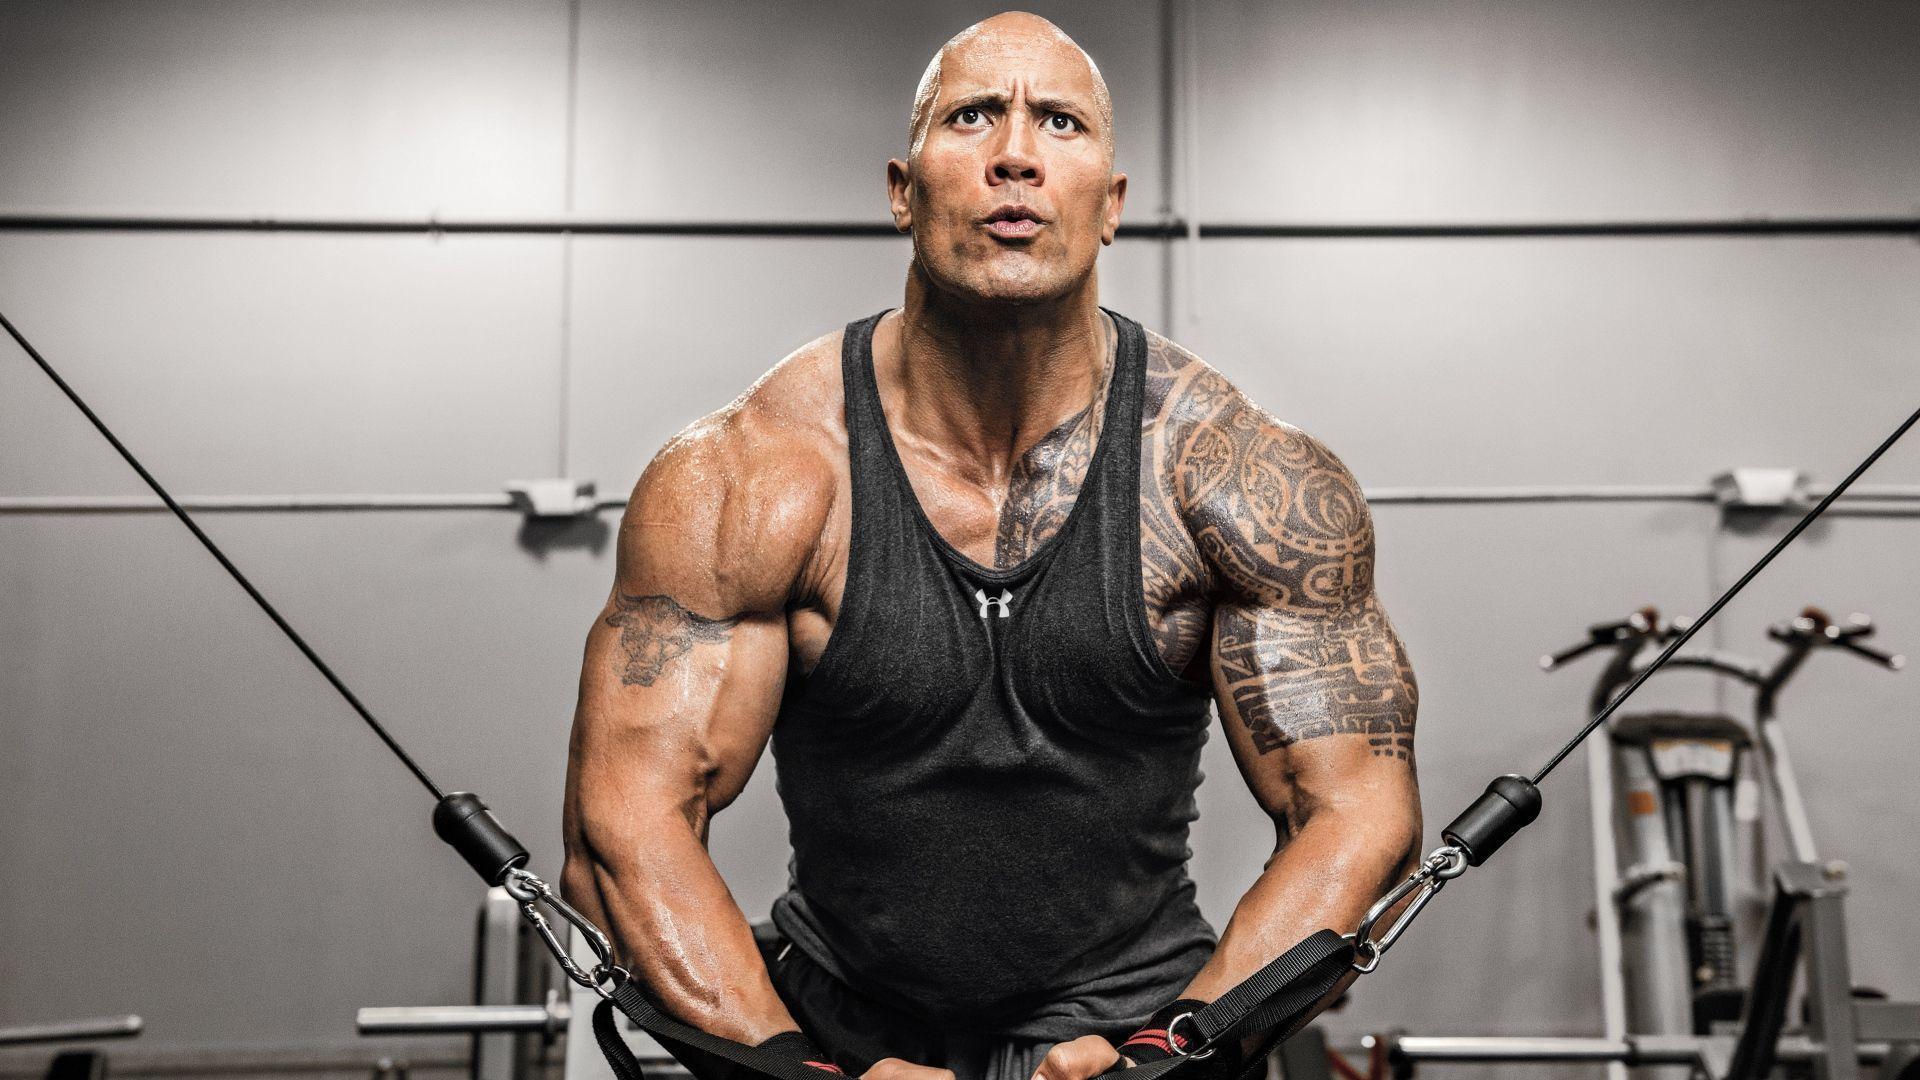 Dwayne Johnson workout hd wallpaper